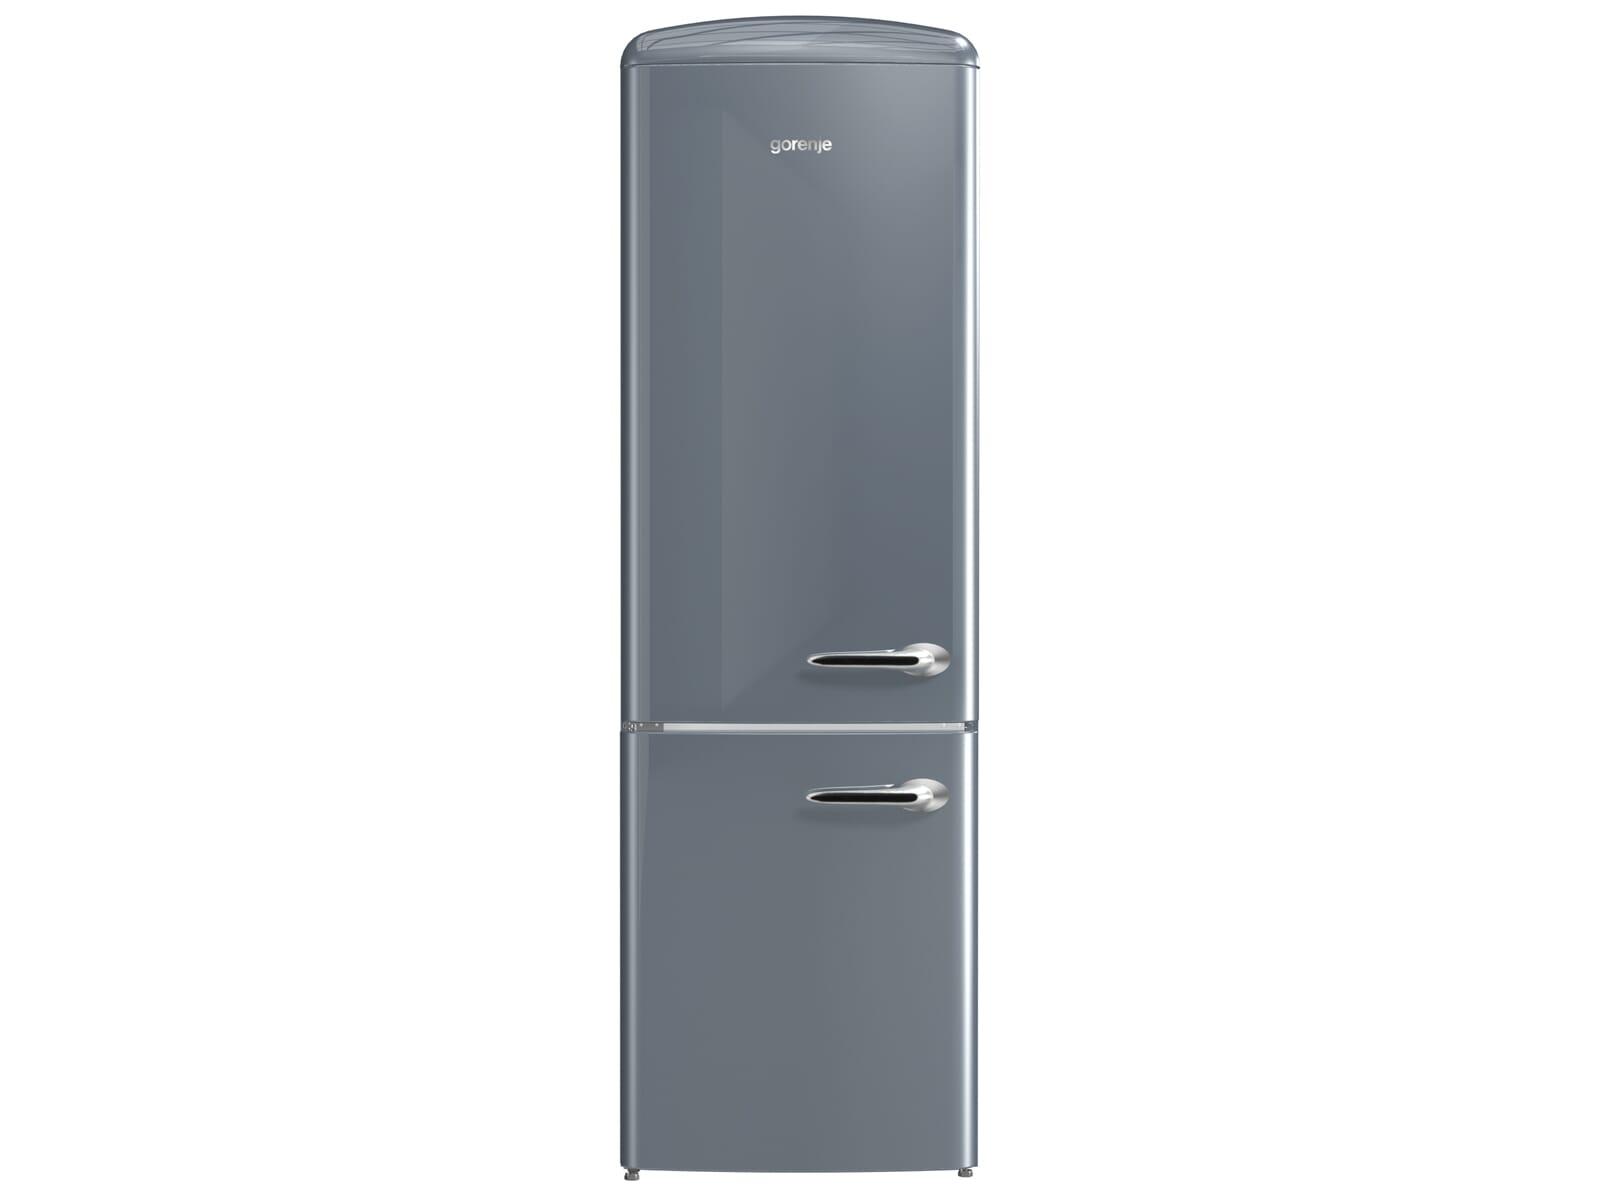 Gorenje Kühlschrank Hzos3366 Bedienungsanleitung : Gorenje kühlschrank retro bedienungsanleitung: kühlschrank gorenje